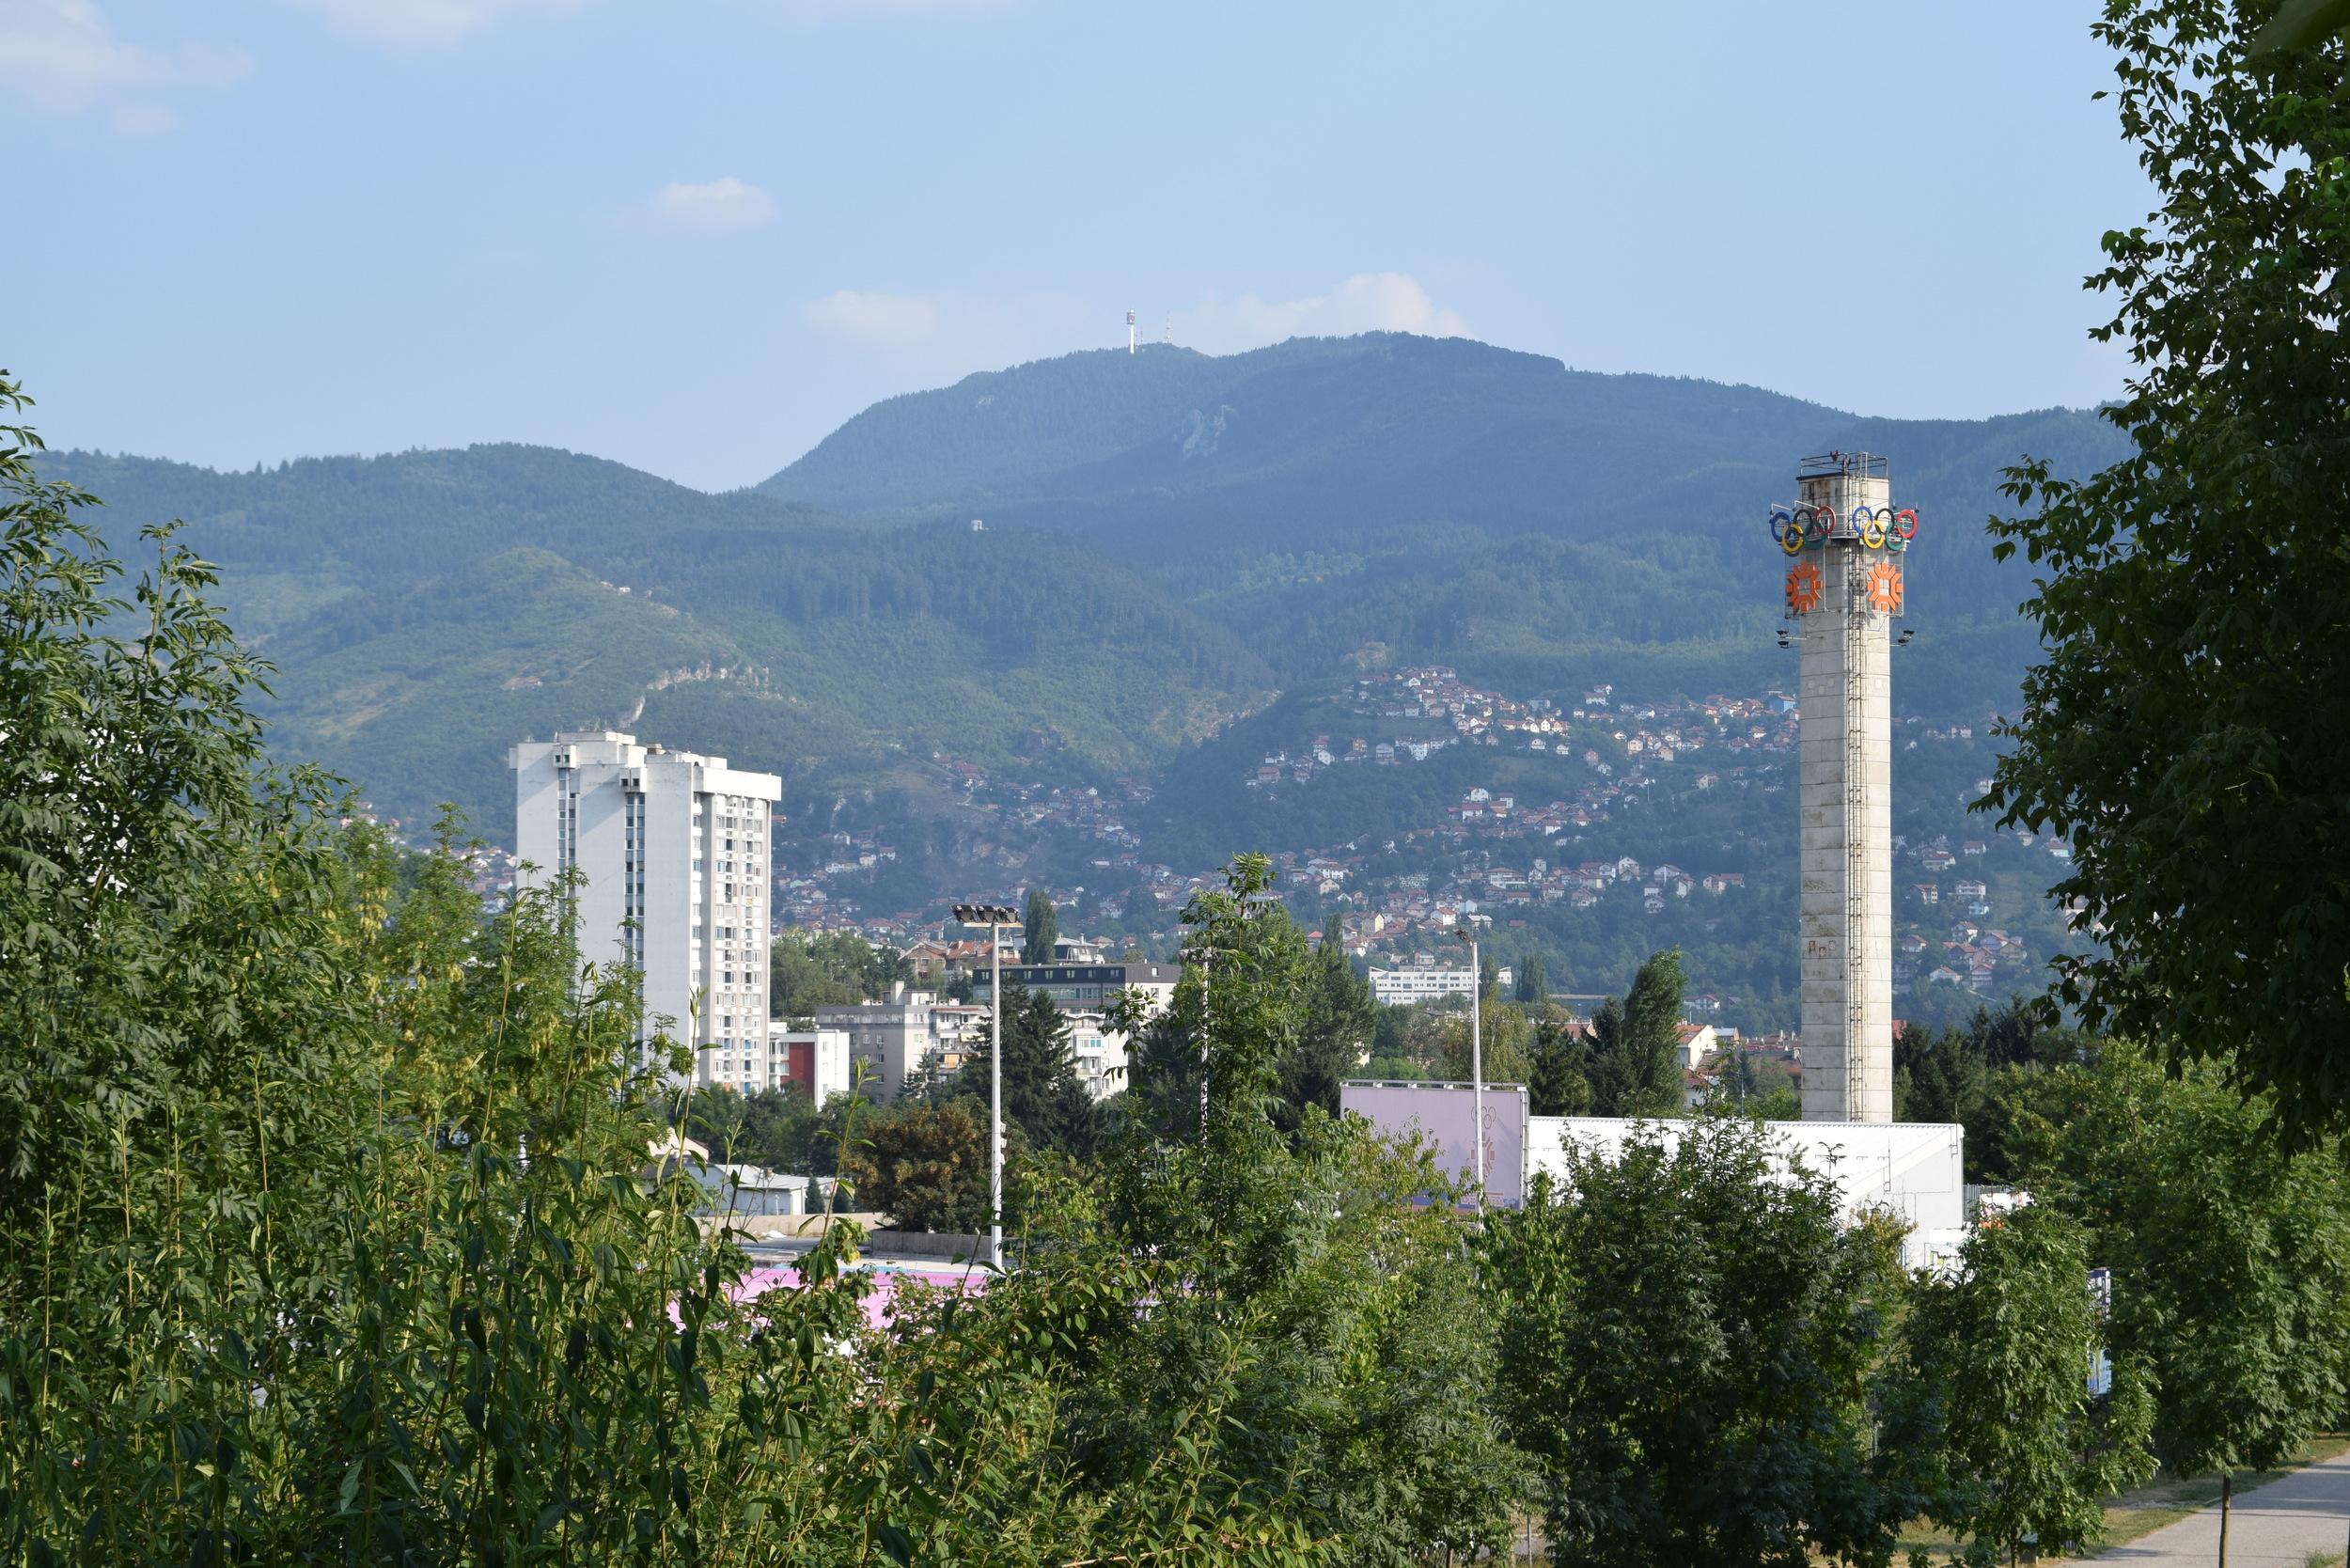 Sarajevo city and hills